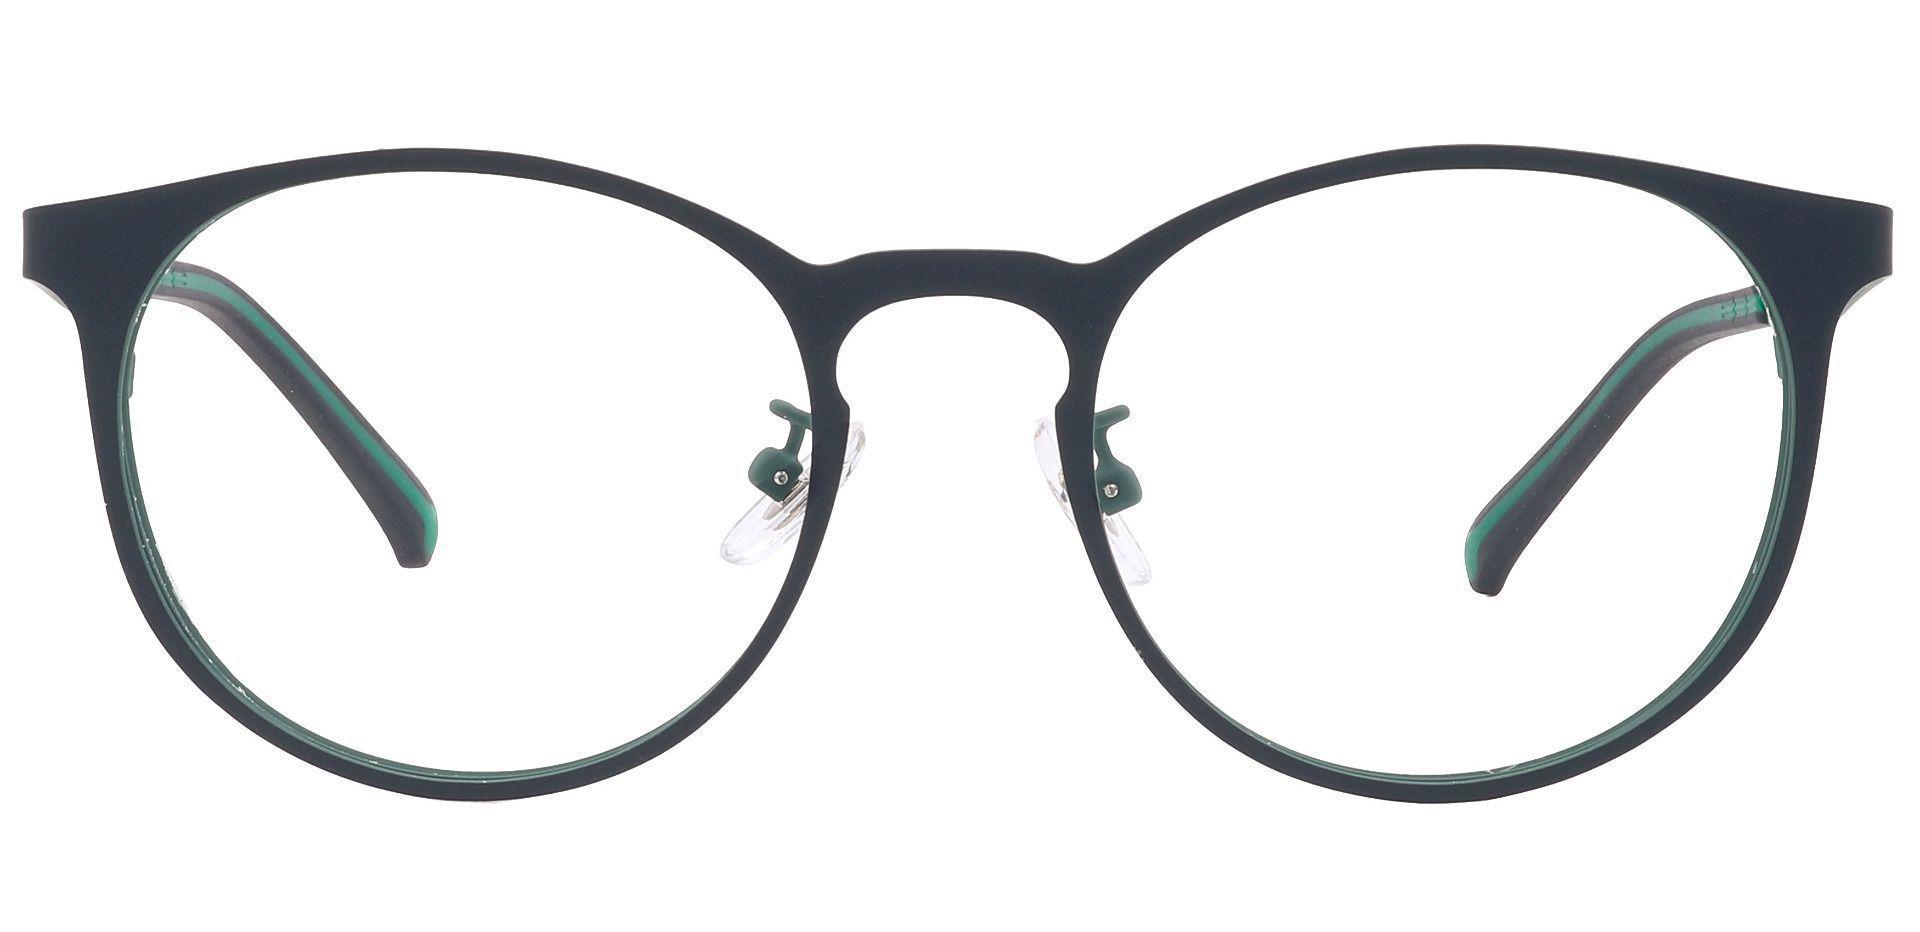 Wallace Oval Progressive Glasses - Green